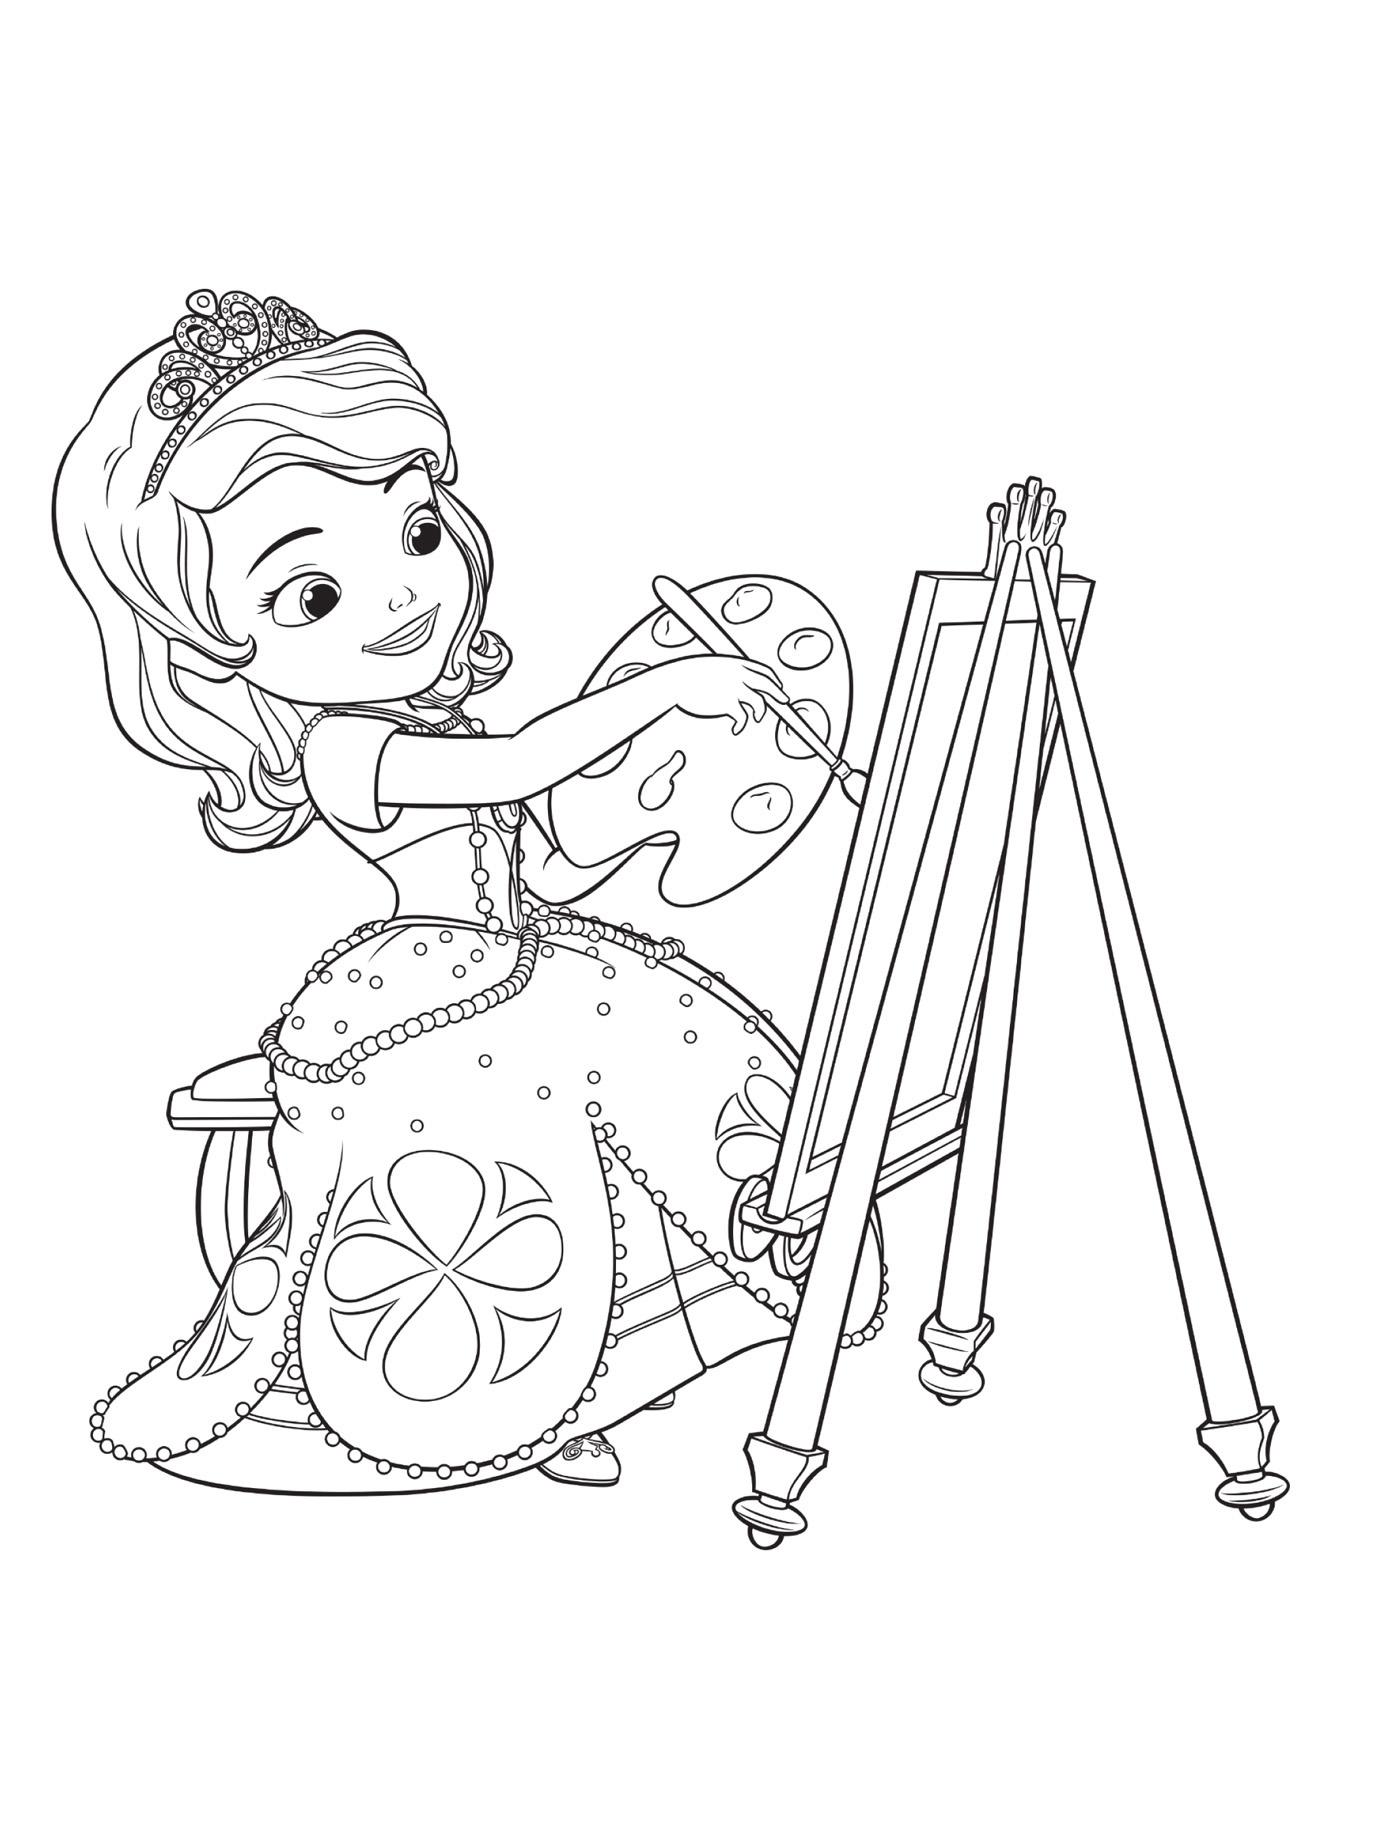 раскраски с принцессой софия для детей